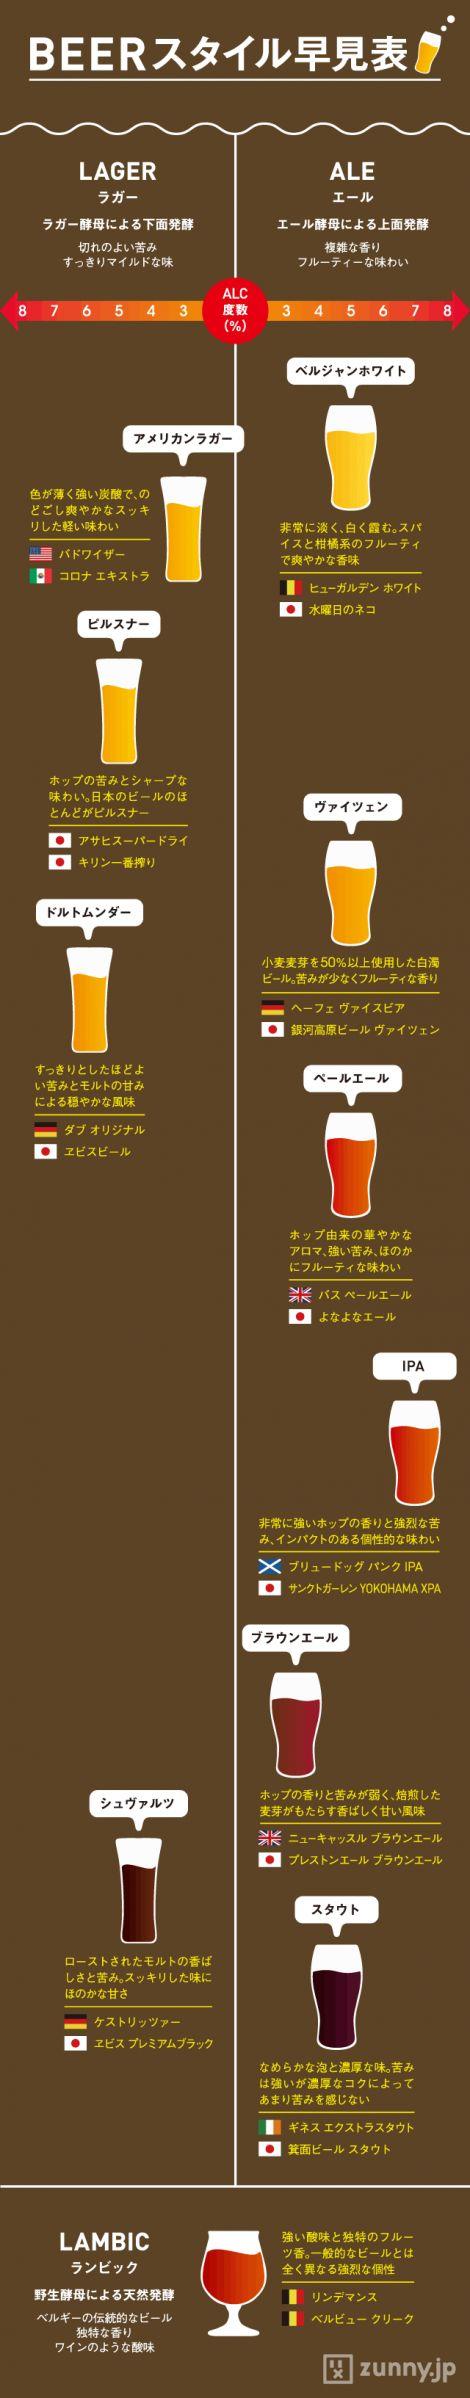 最近、人気のクラフトビール。飲みなれたビールとはひと味違った風味が魅力だが、初心者には、無数にある…